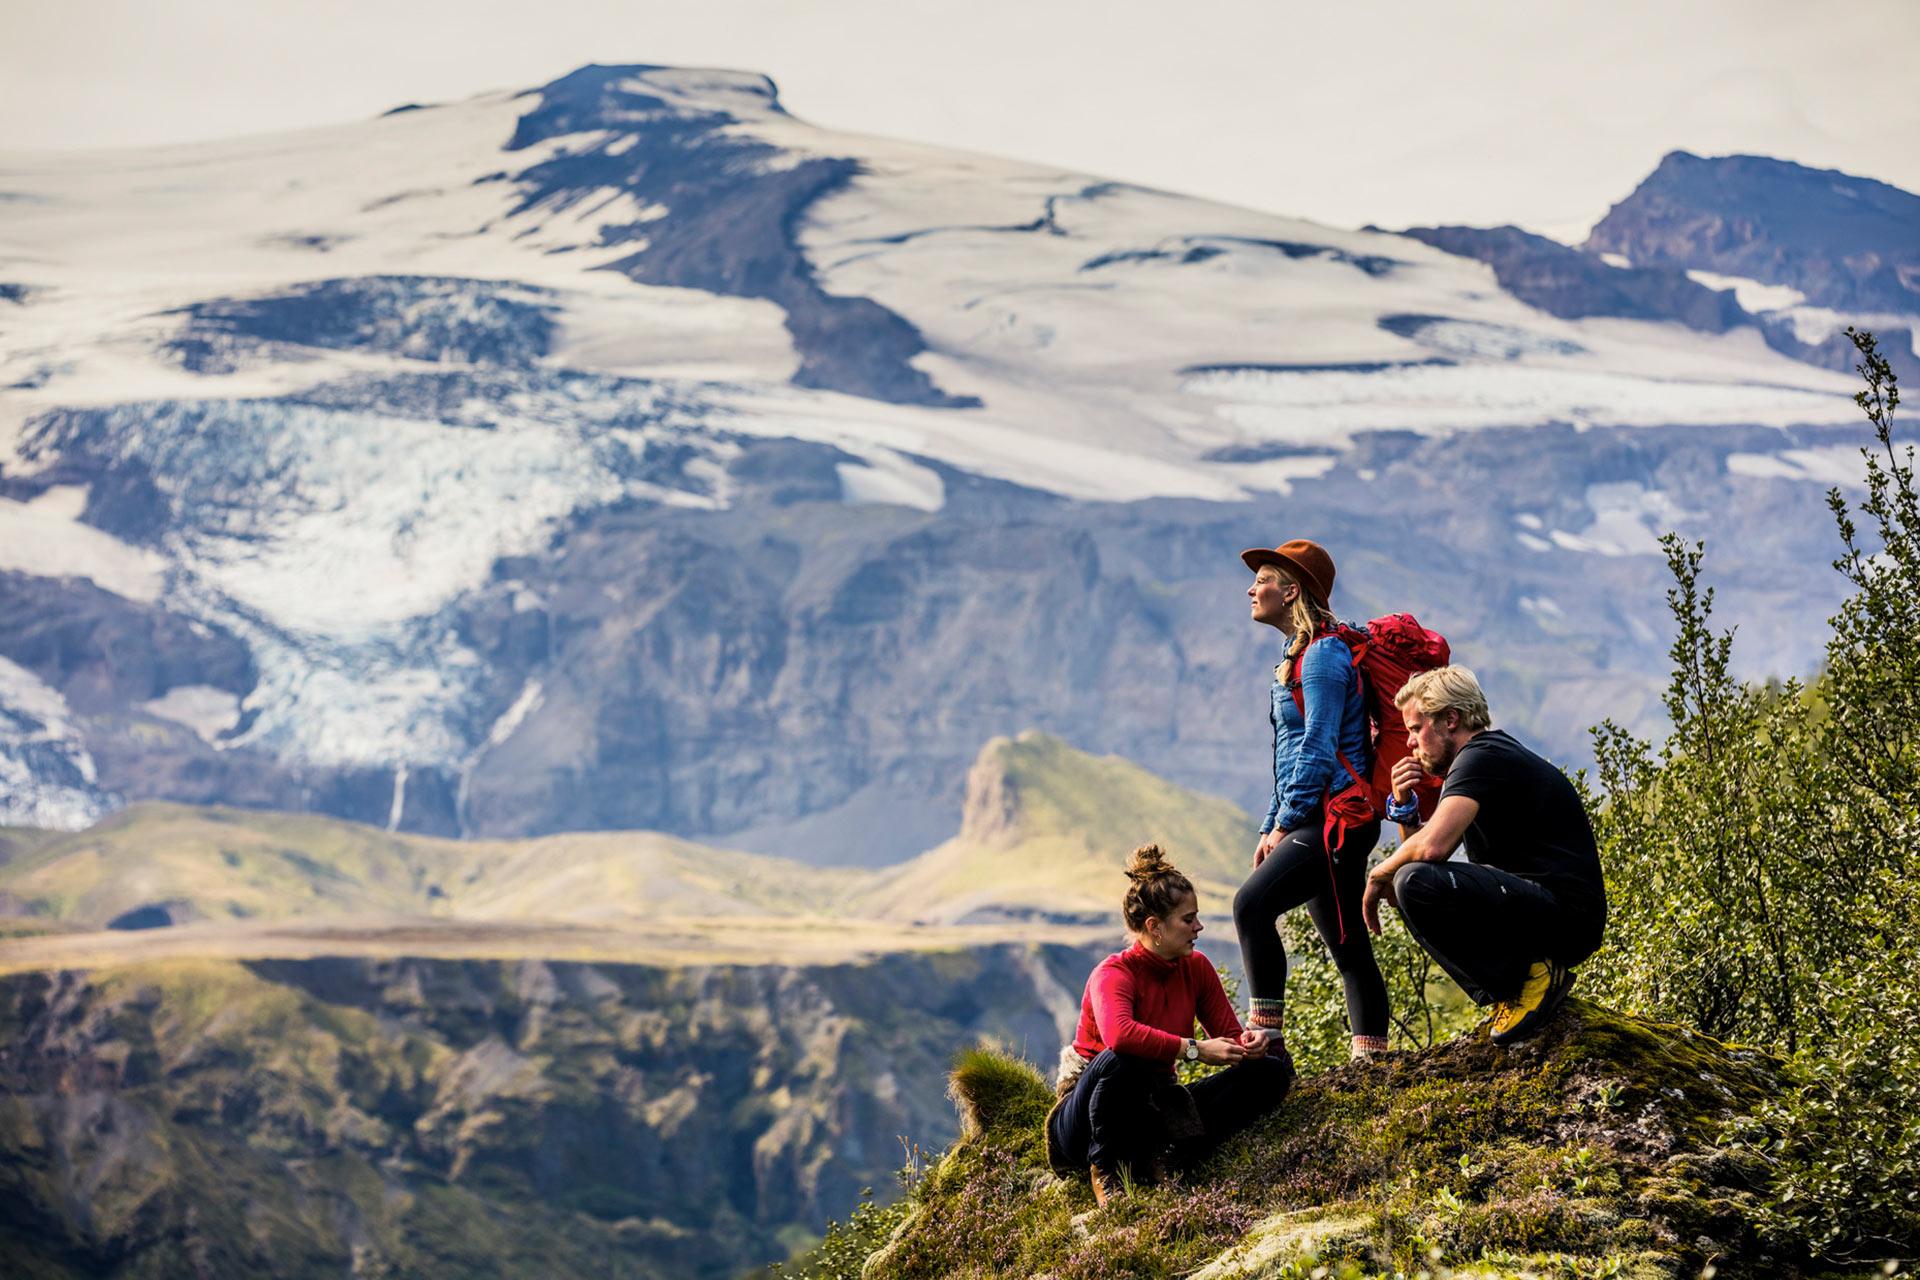 Podczas wędrówki po dolinie Þórsmörk będziesz mieć fantastyczne widoki na islandzkie krajobrazy.